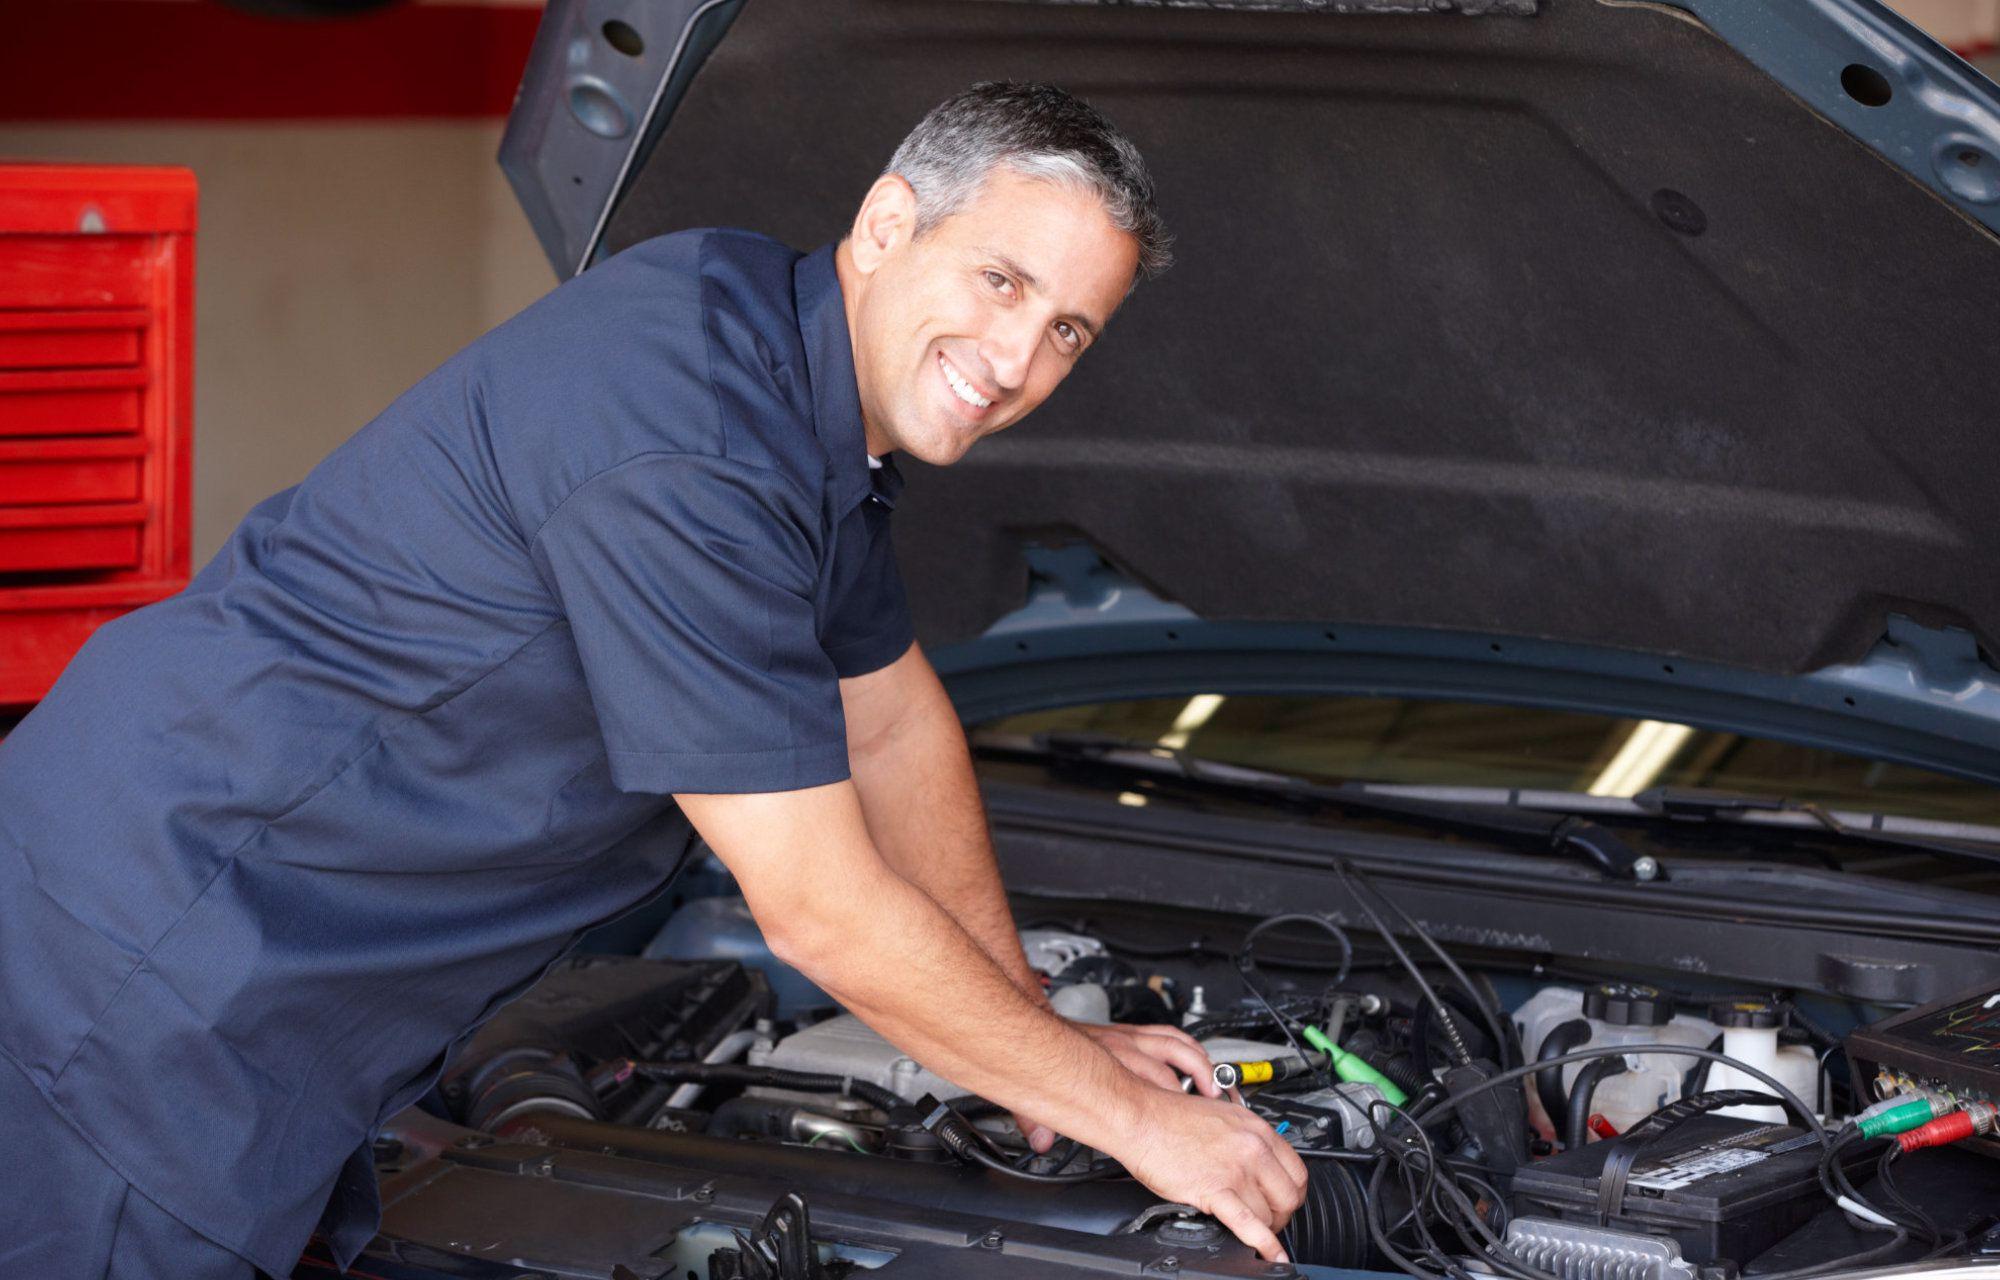 vacature vrachtwagen mechanieker bij Garage Claeskens